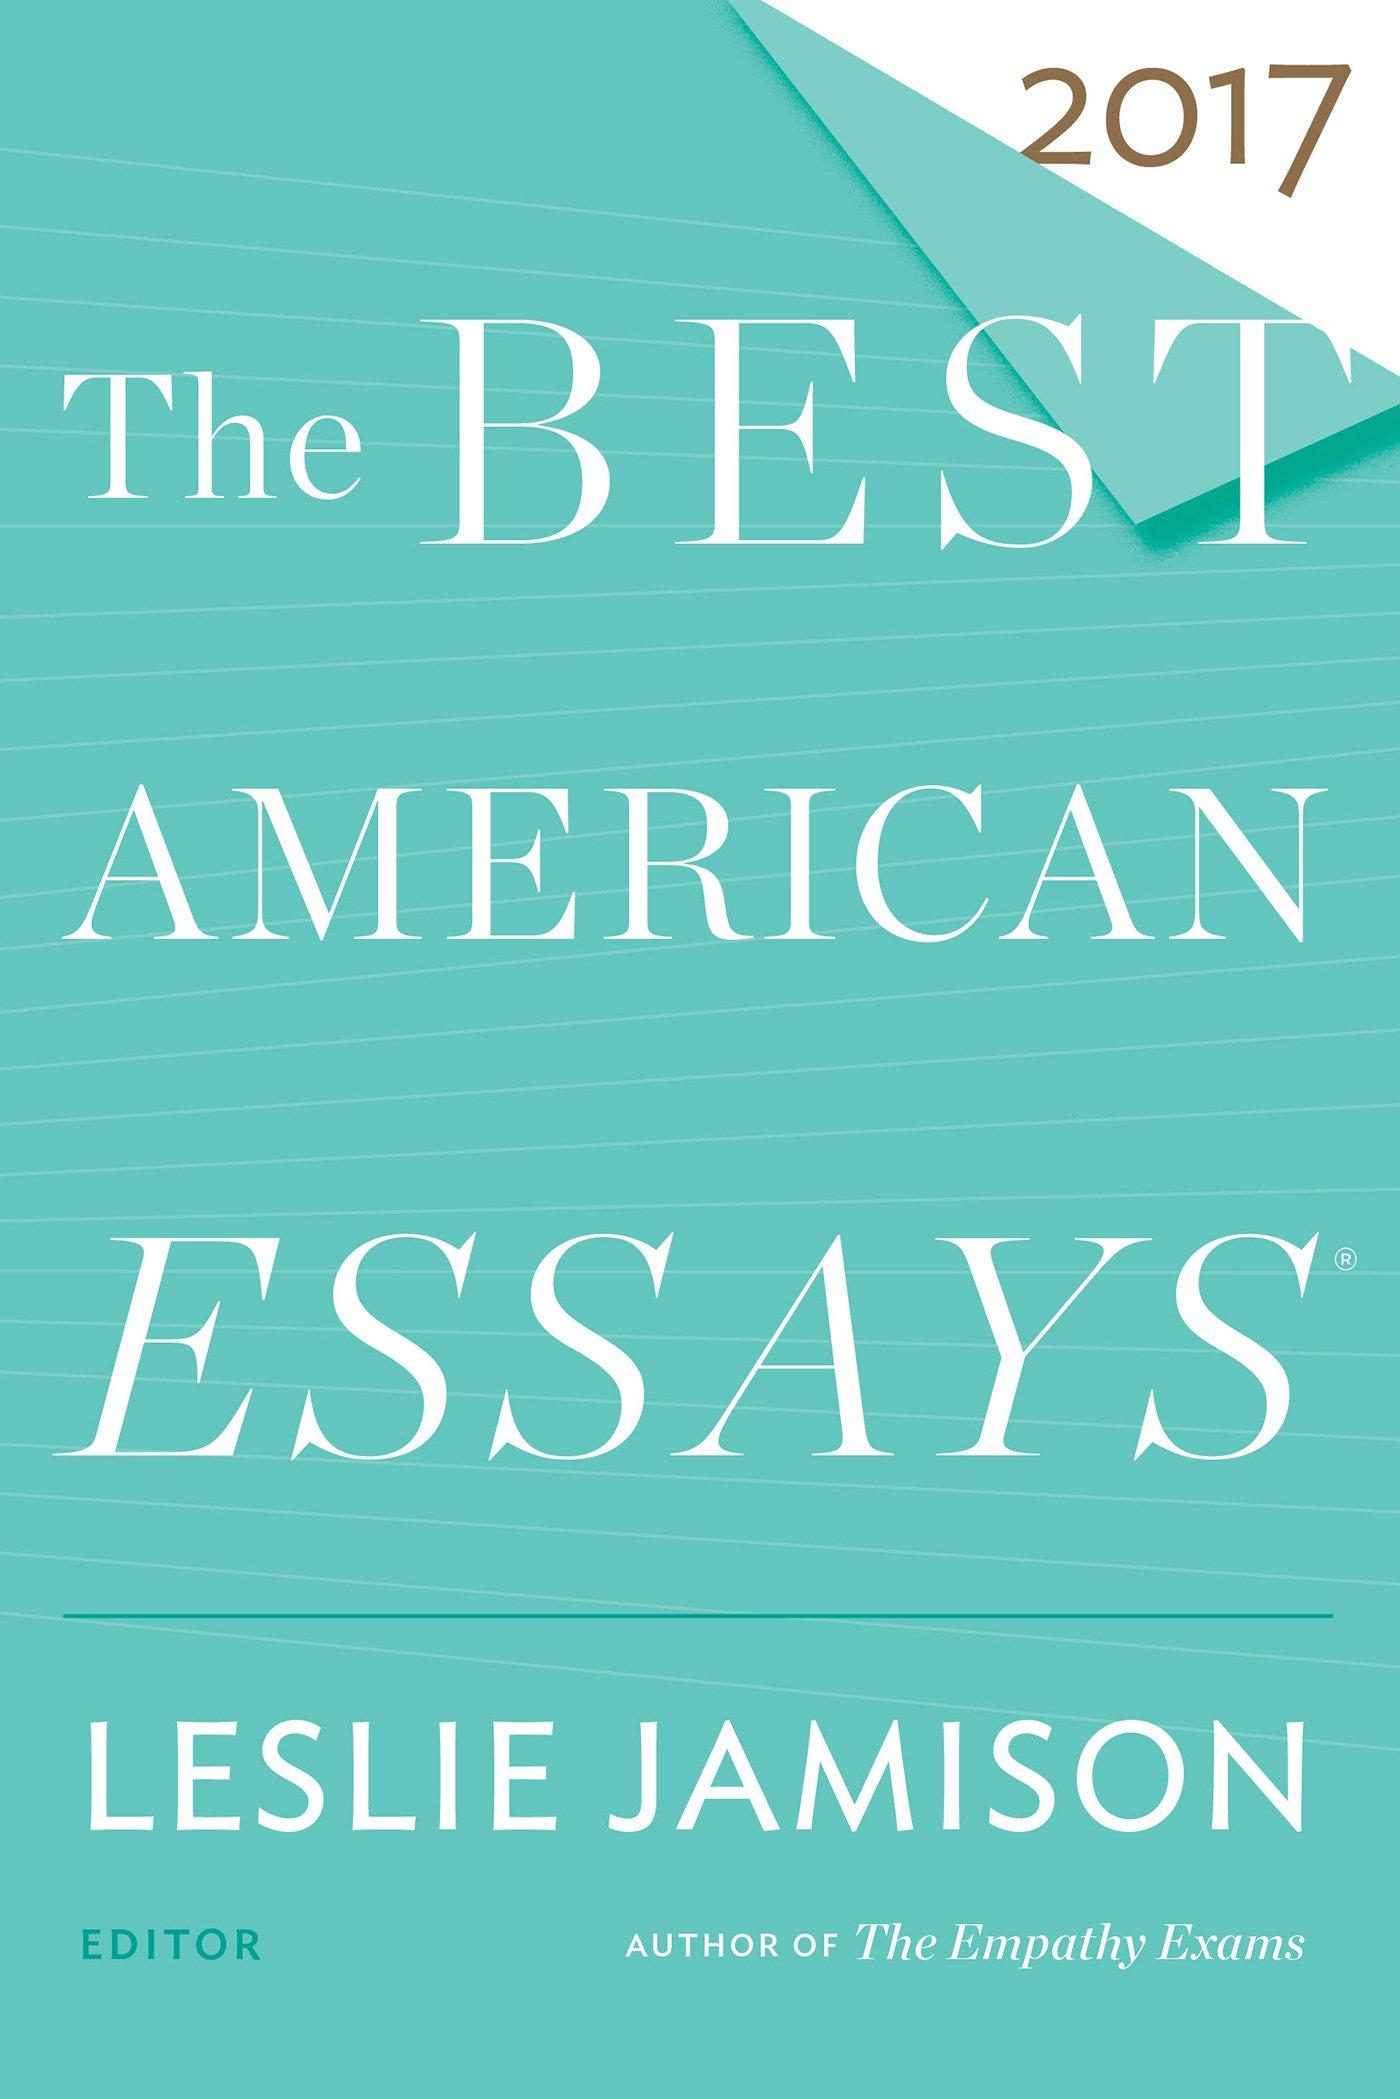 Best american essays anthology essay maker website